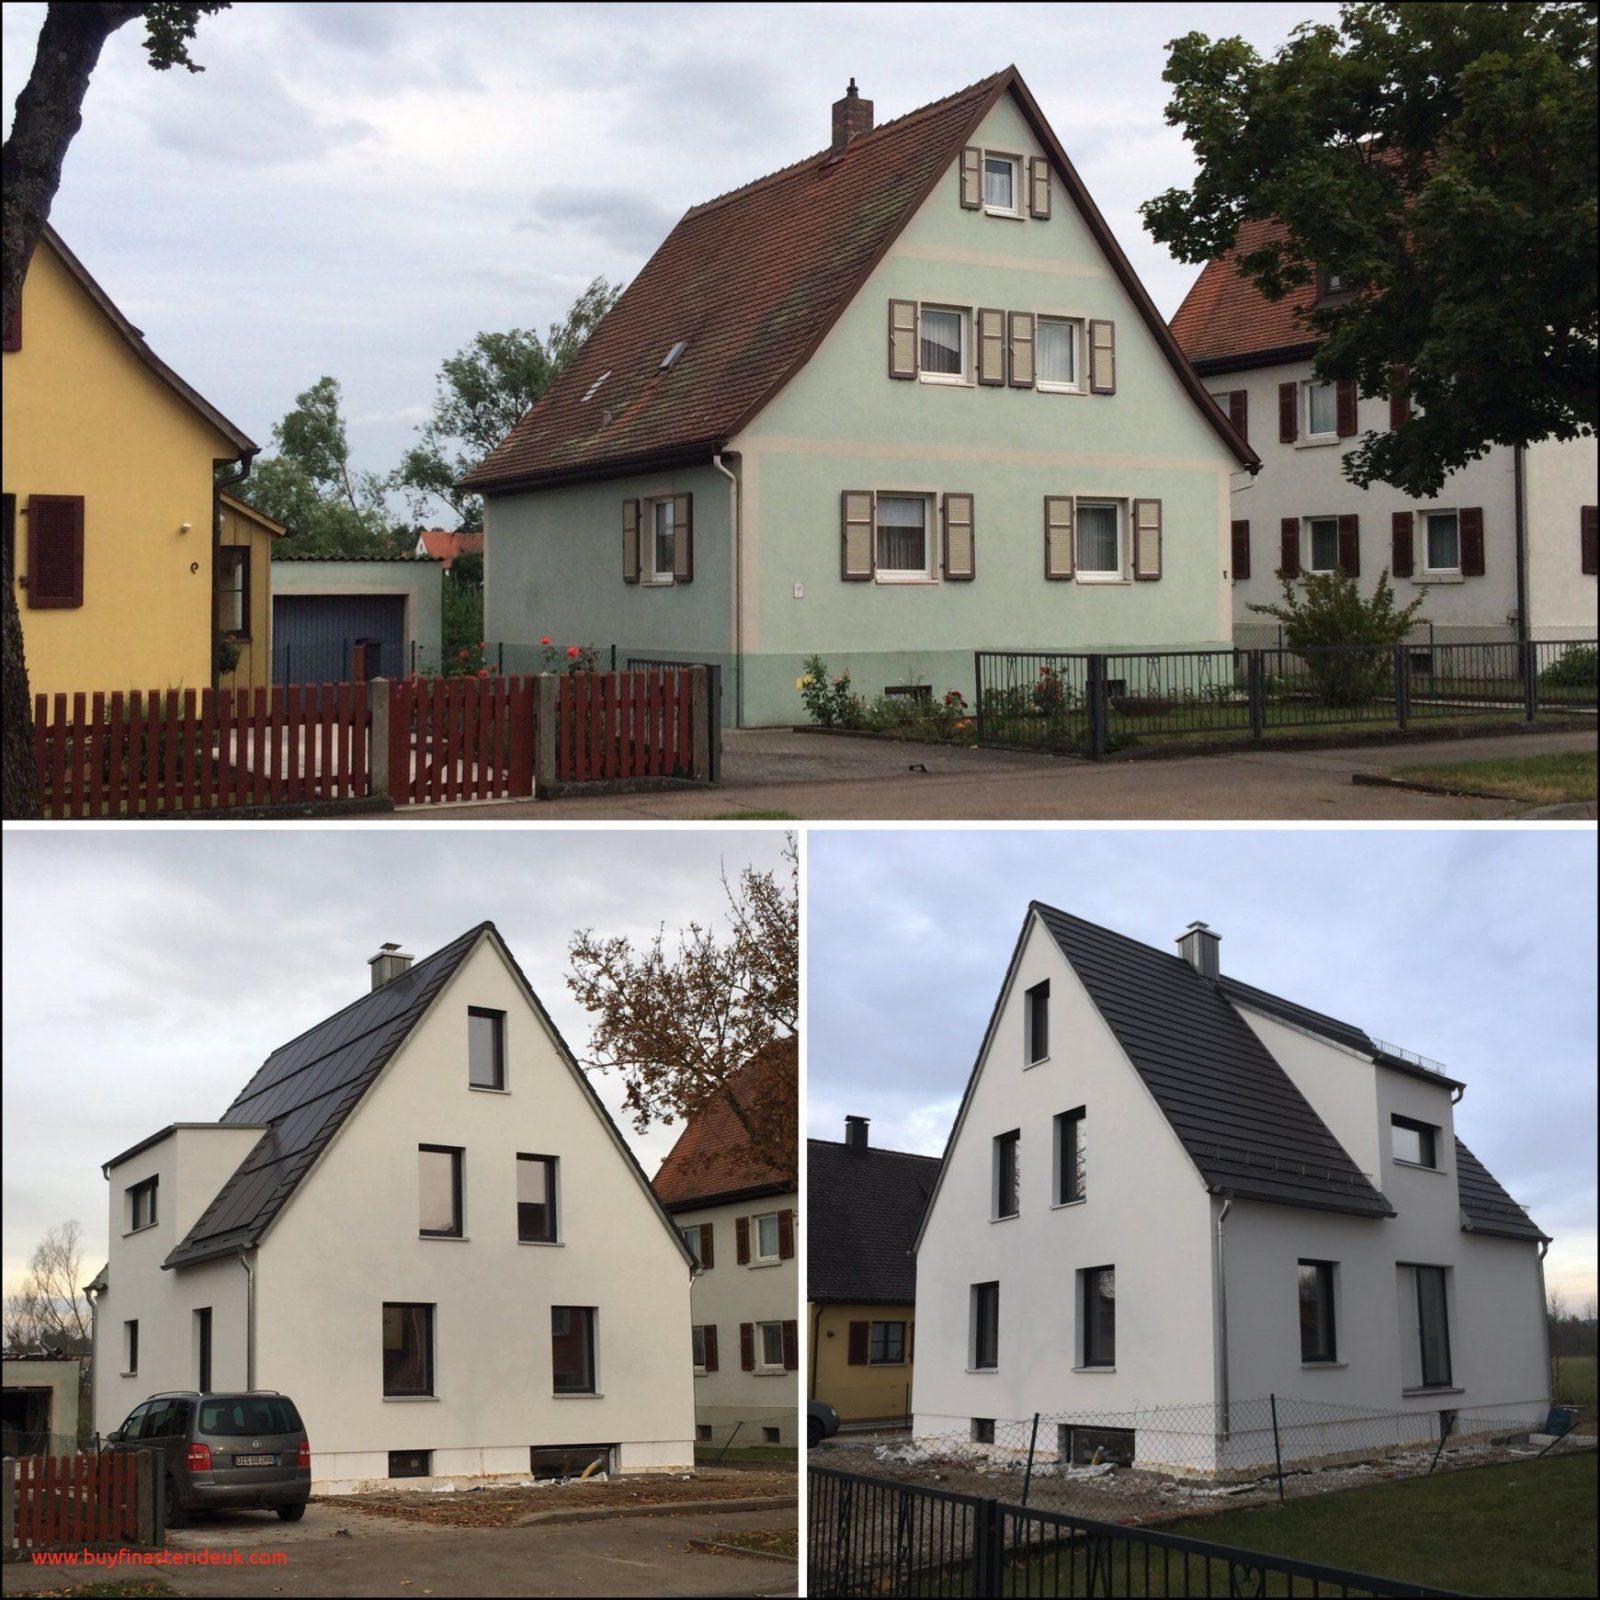 Altes Haus Sanieren Von Altes Haus Sanieren Vorher Nachher Best von Altes Haus Sanieren Vorher Nachher Photo